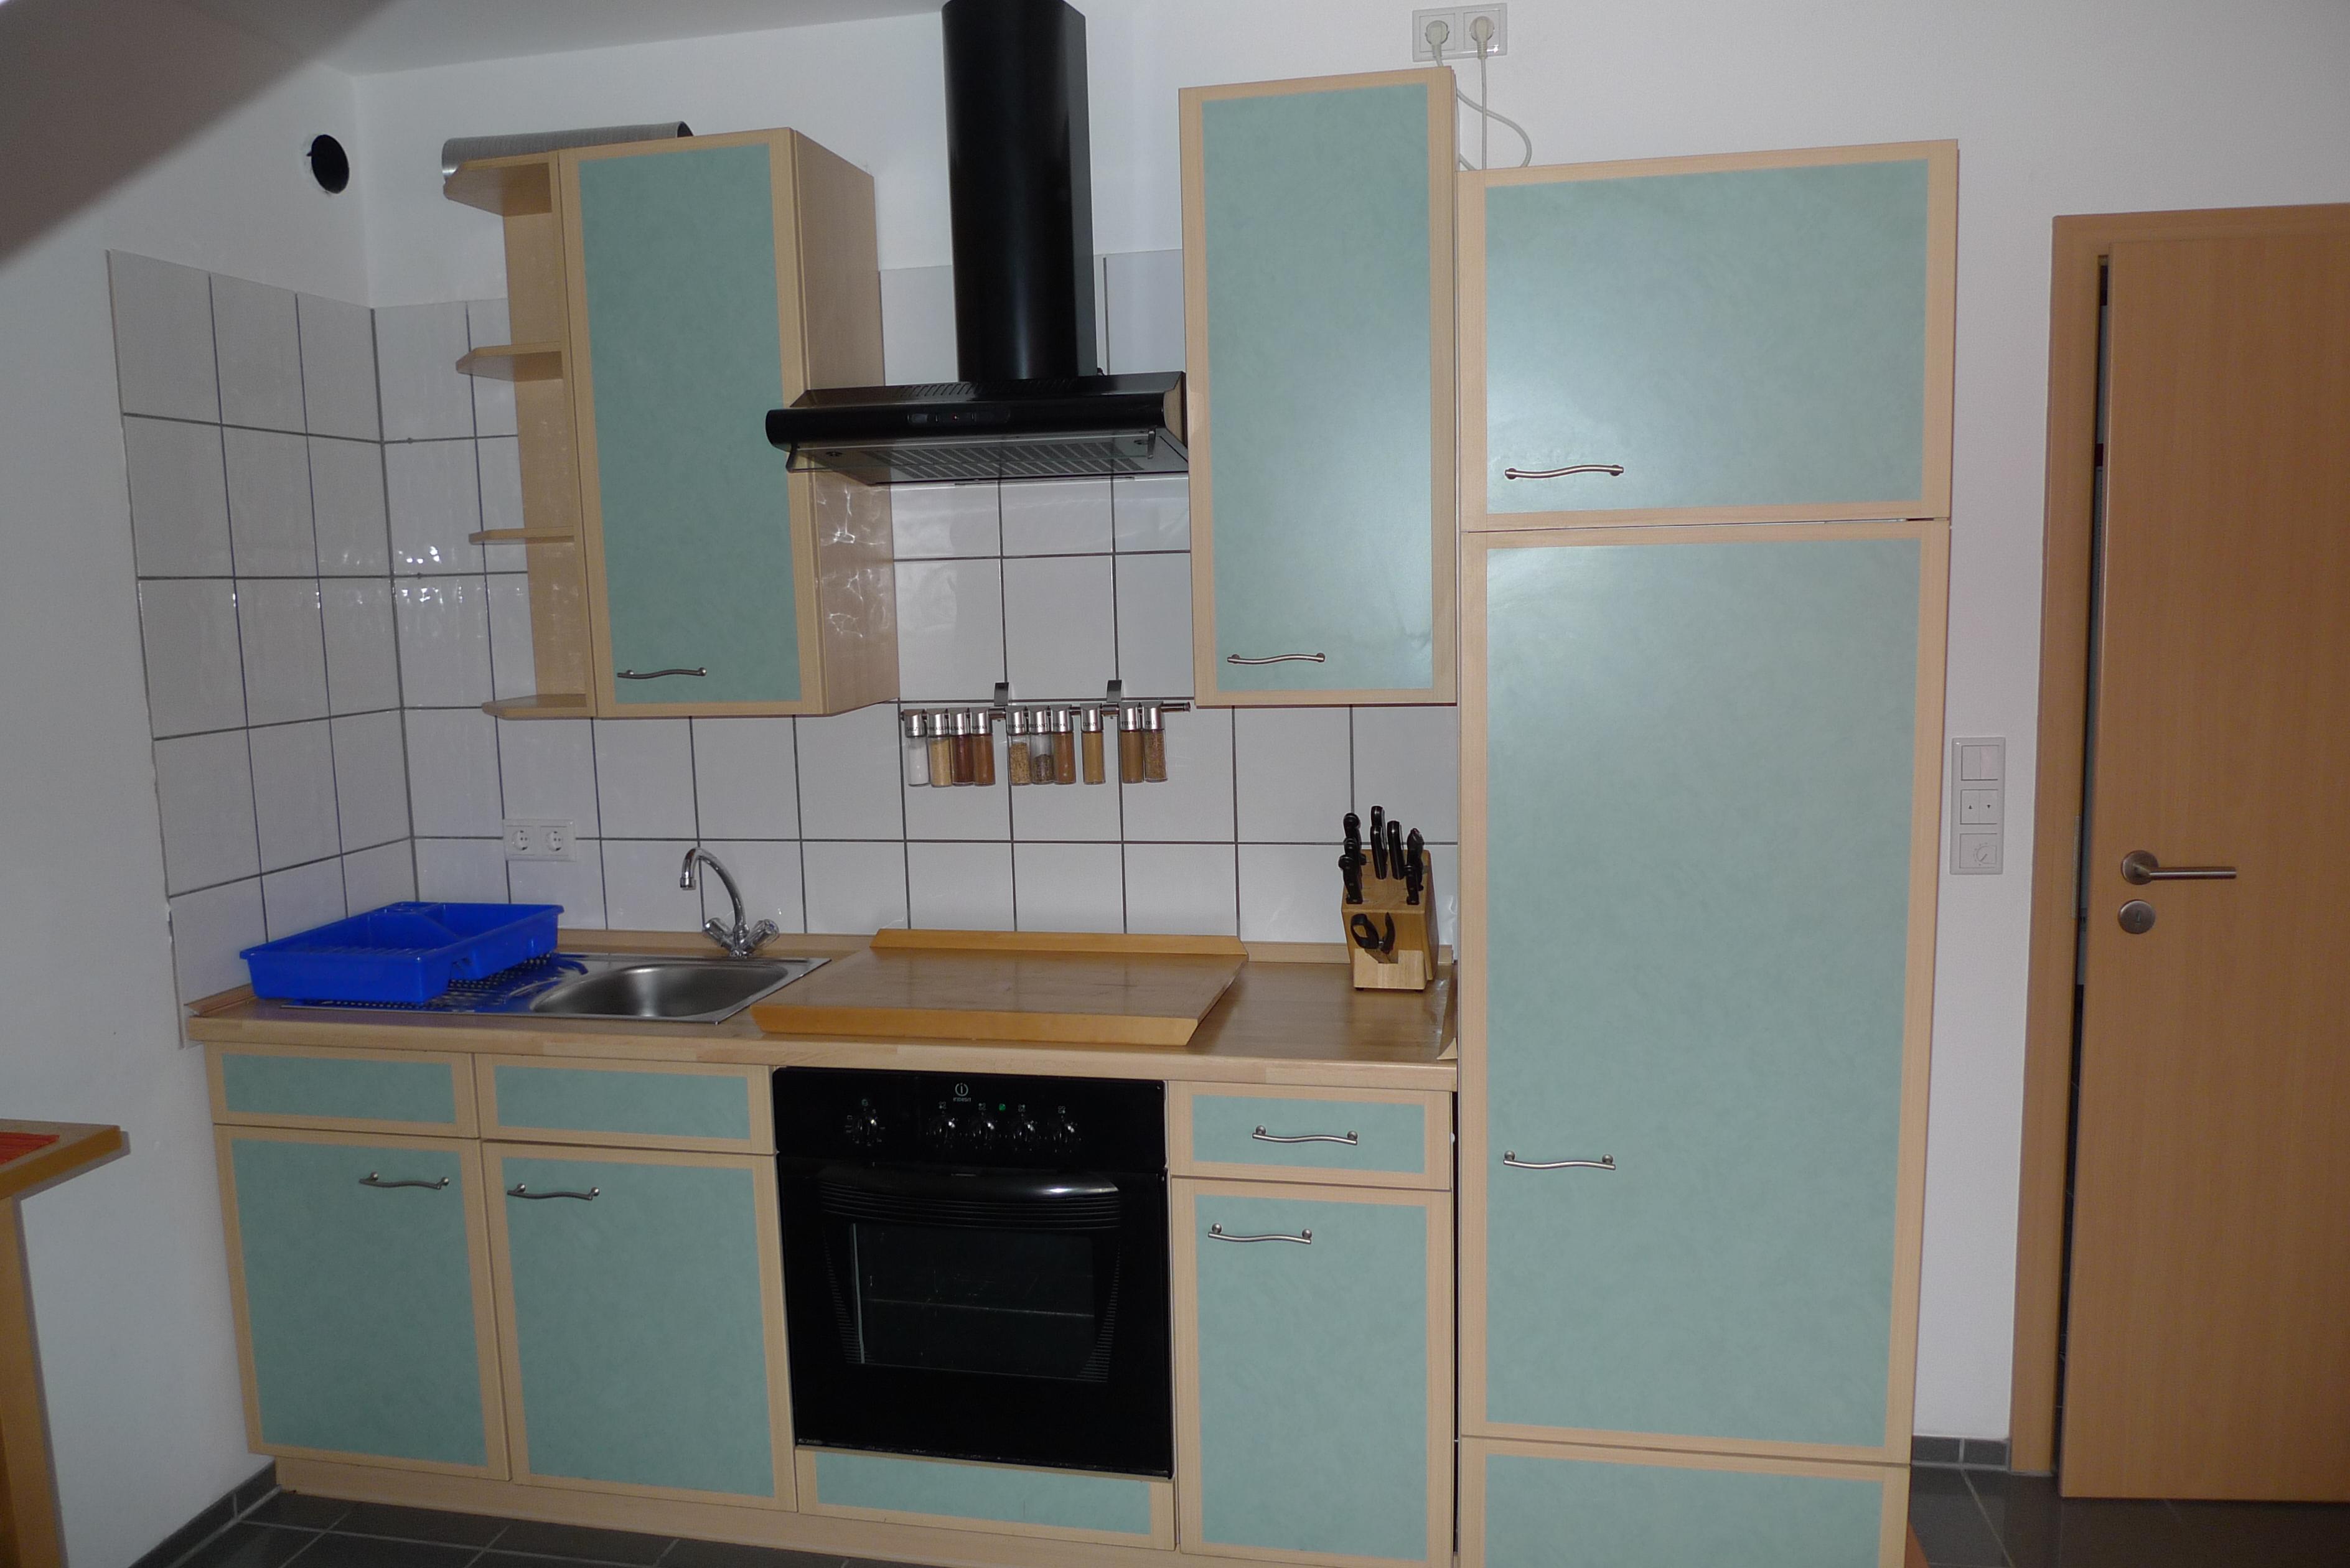 Küchenzeile gebraucht  Küchenzeile Nobilia gebraucht für Selbstbaholer in Dormagen ...